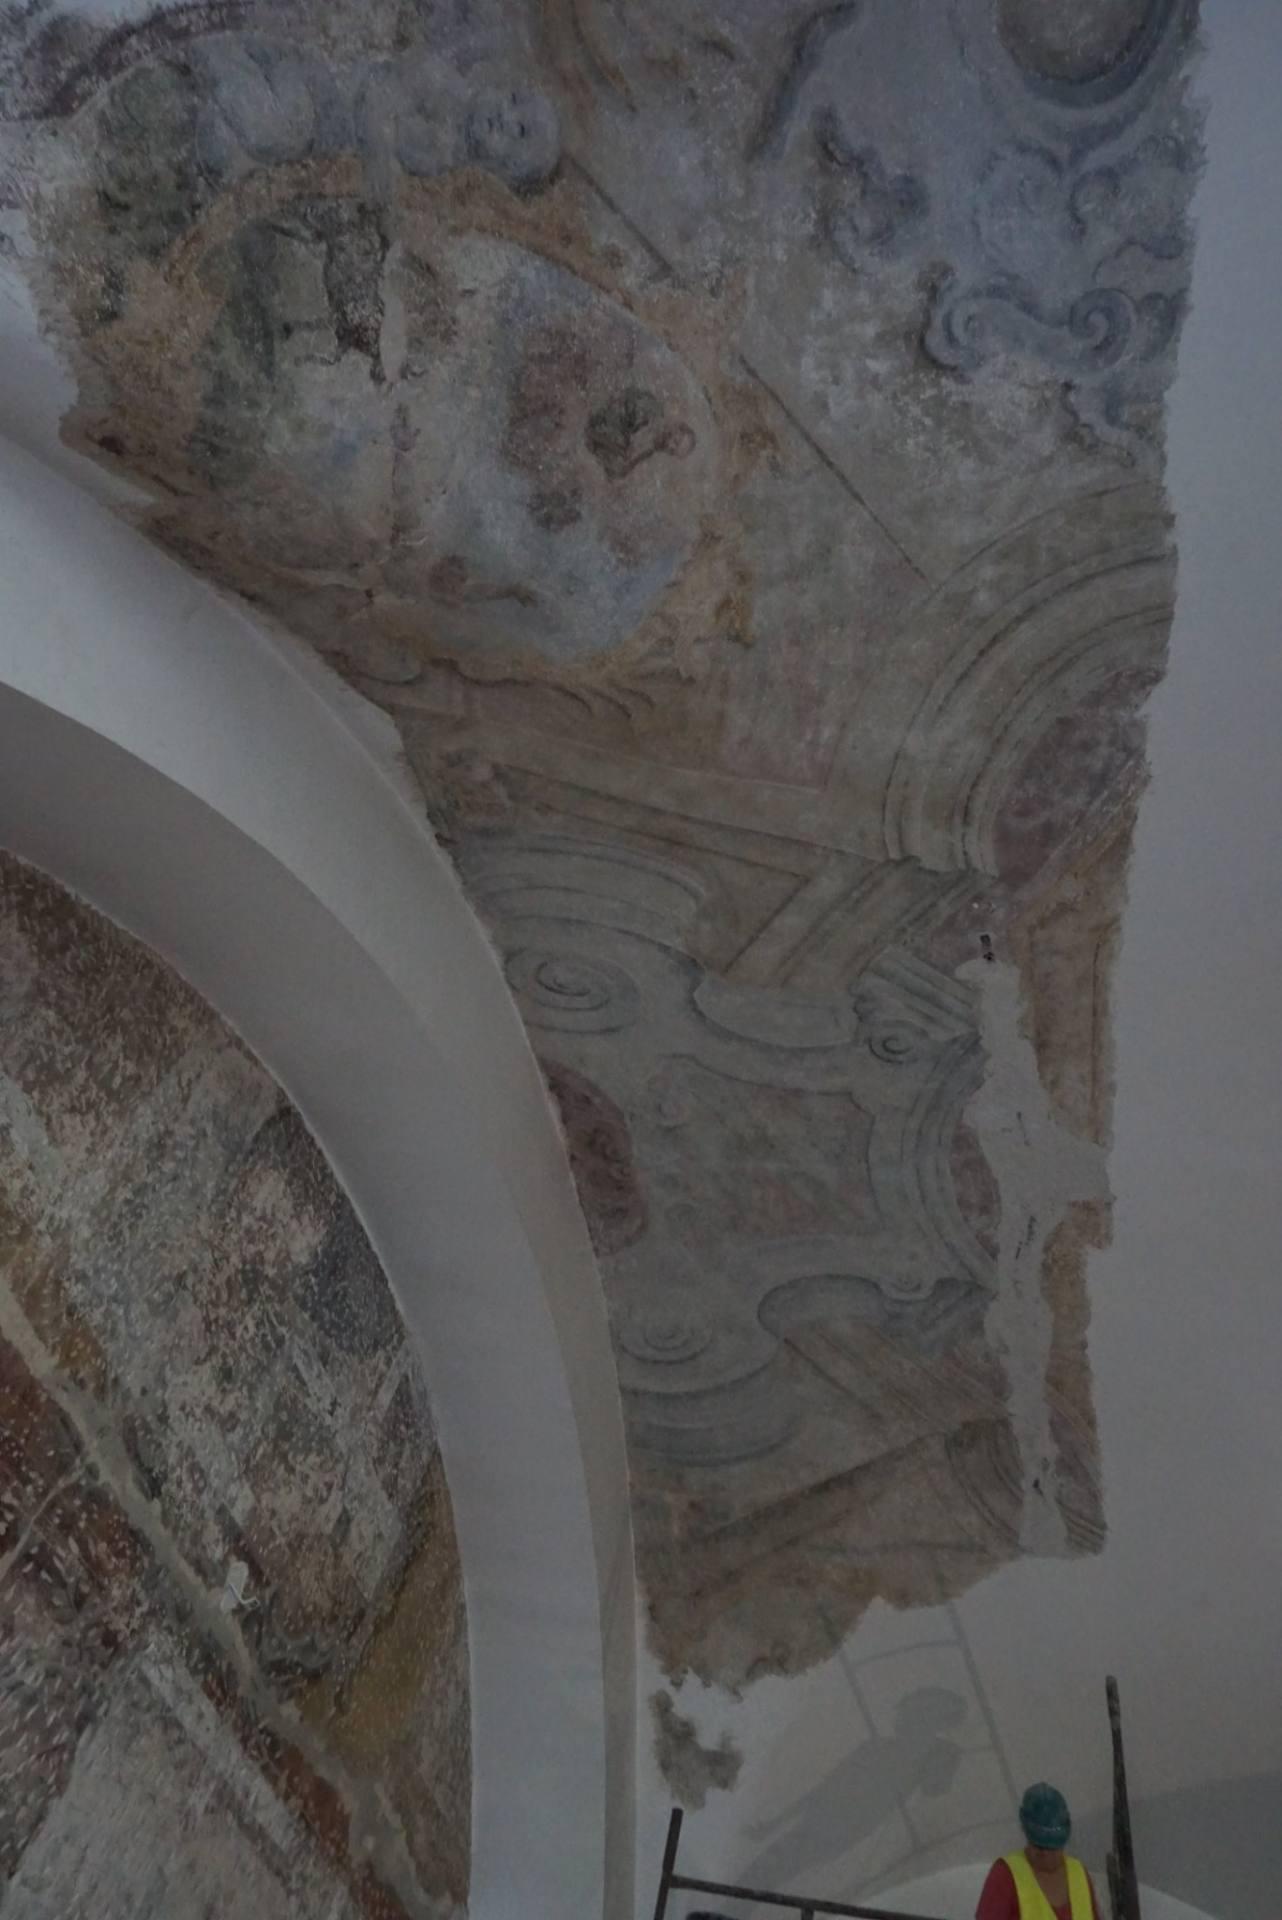 106349469 318366816223520 6360072074434009293 o Zamość: Skarb ukryty pod tynkiem. Cenne znalezisko na ścianach remontowanej Akademii Zamojskiej [ZDJĘCIA]